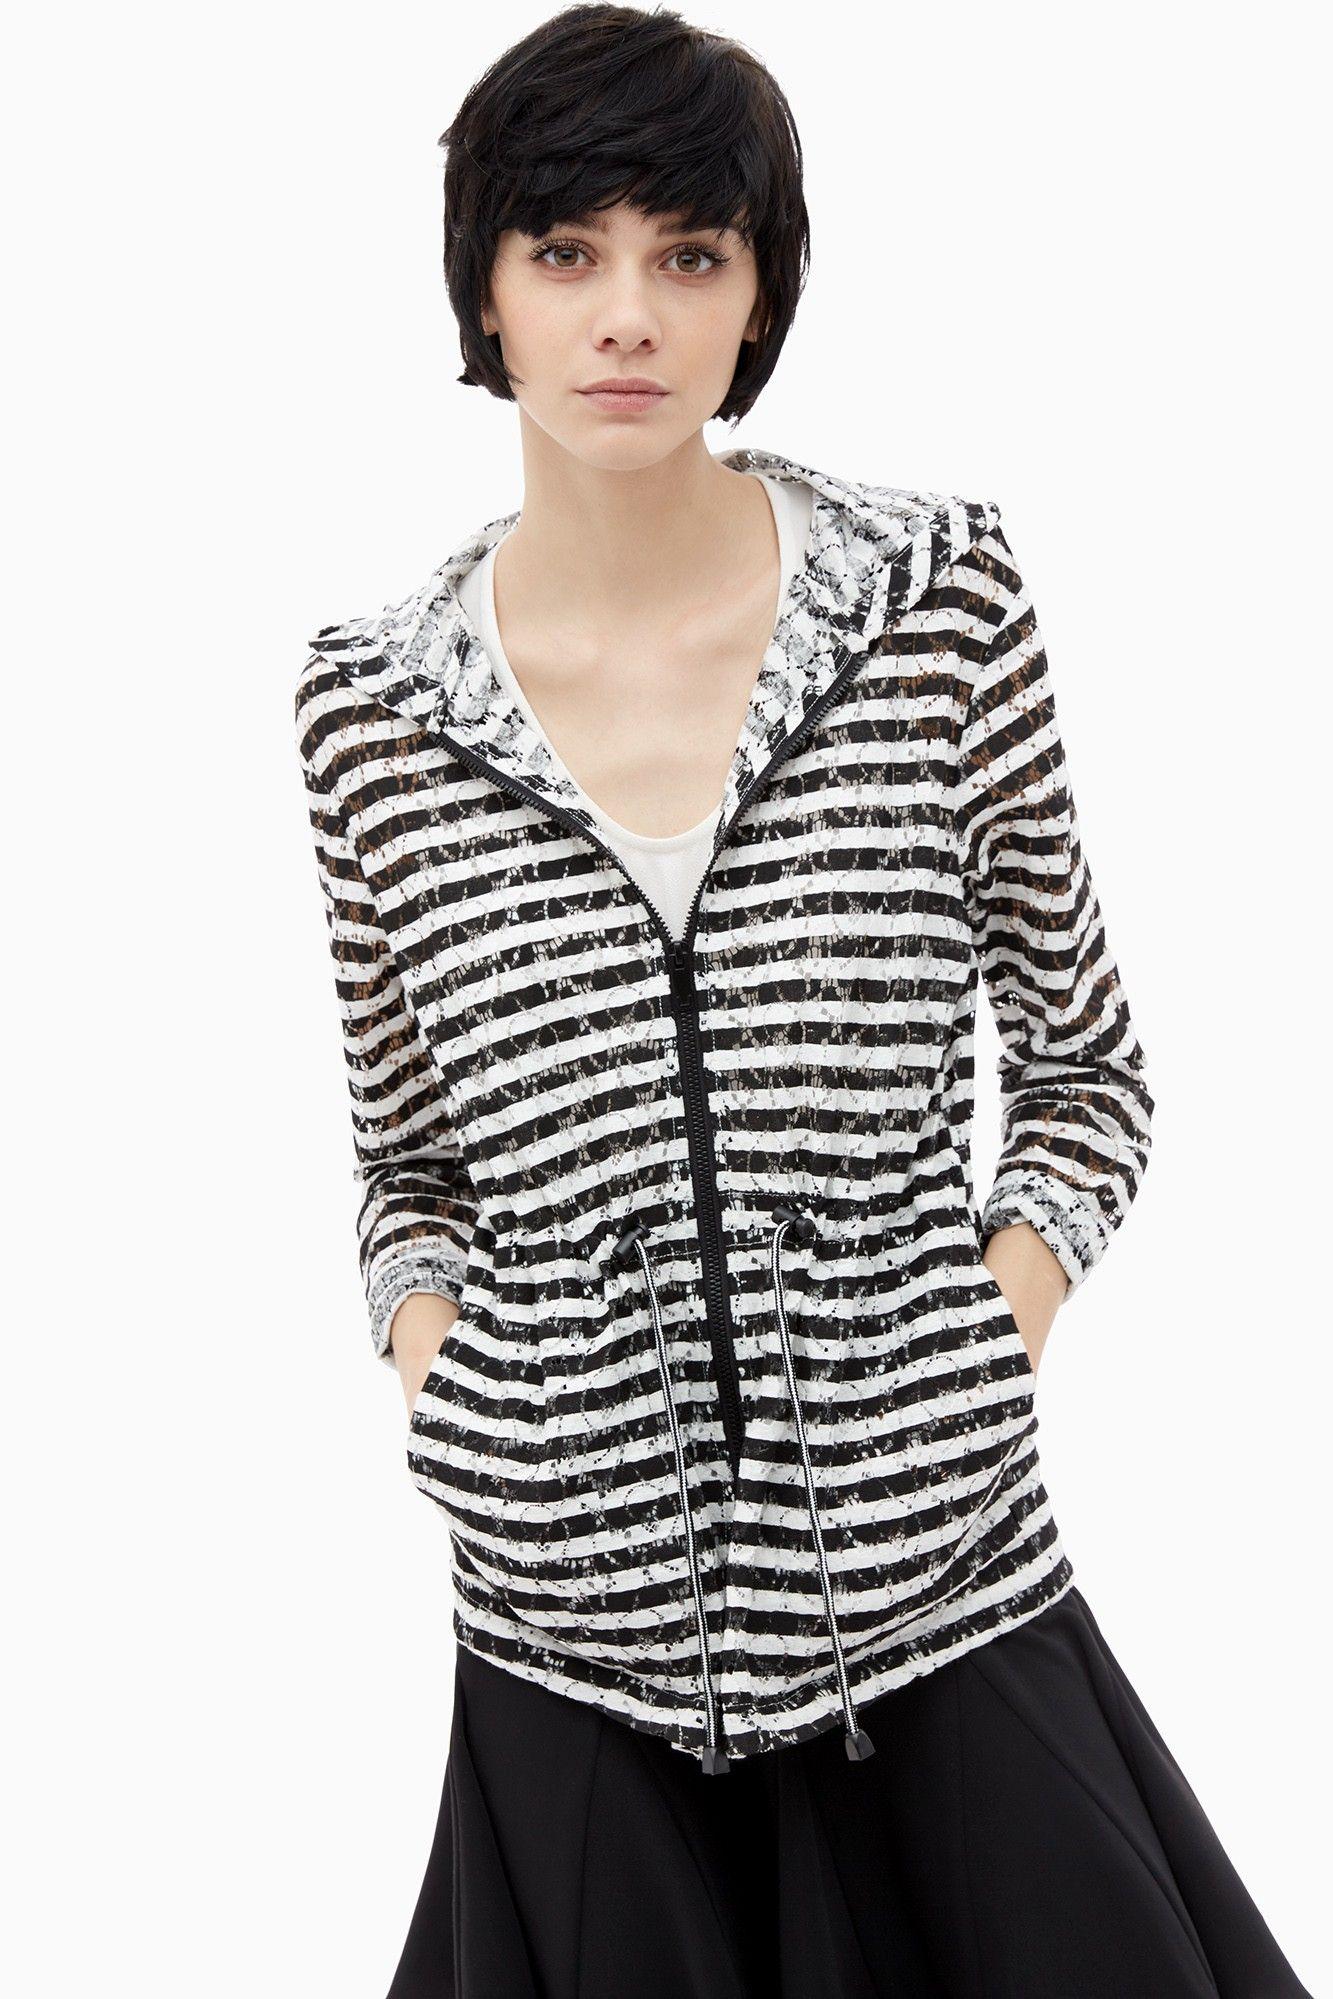 abrigos Adolfo rayas y encaje de Parka chaquetas marineras con qtT7xXw8